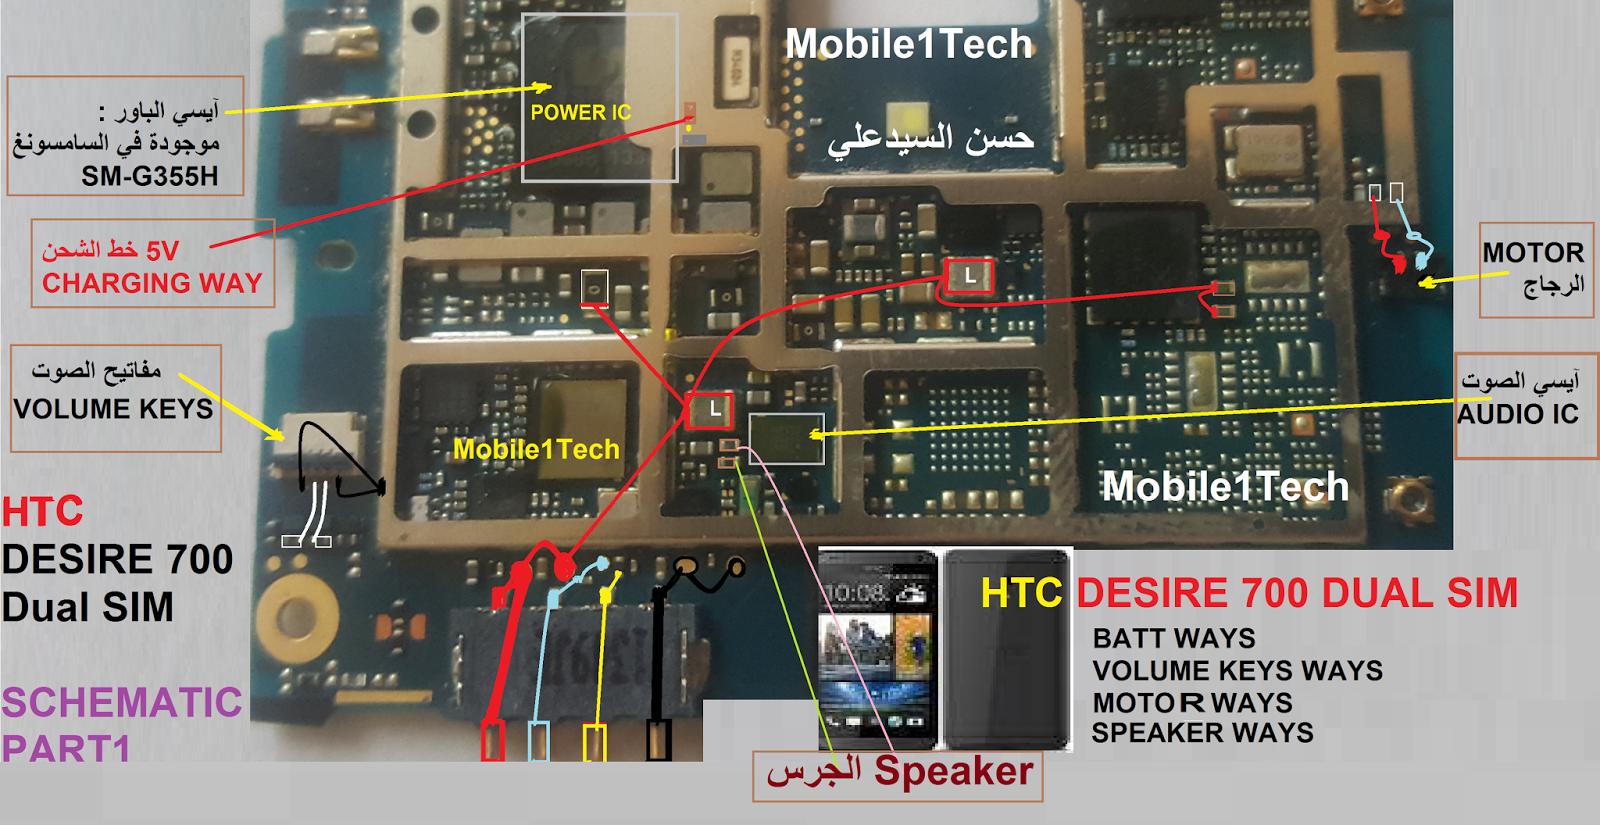 حصري : مخطط الصيانة الأول في العالم ل HTC DESIRE 700 - الصفحة 1